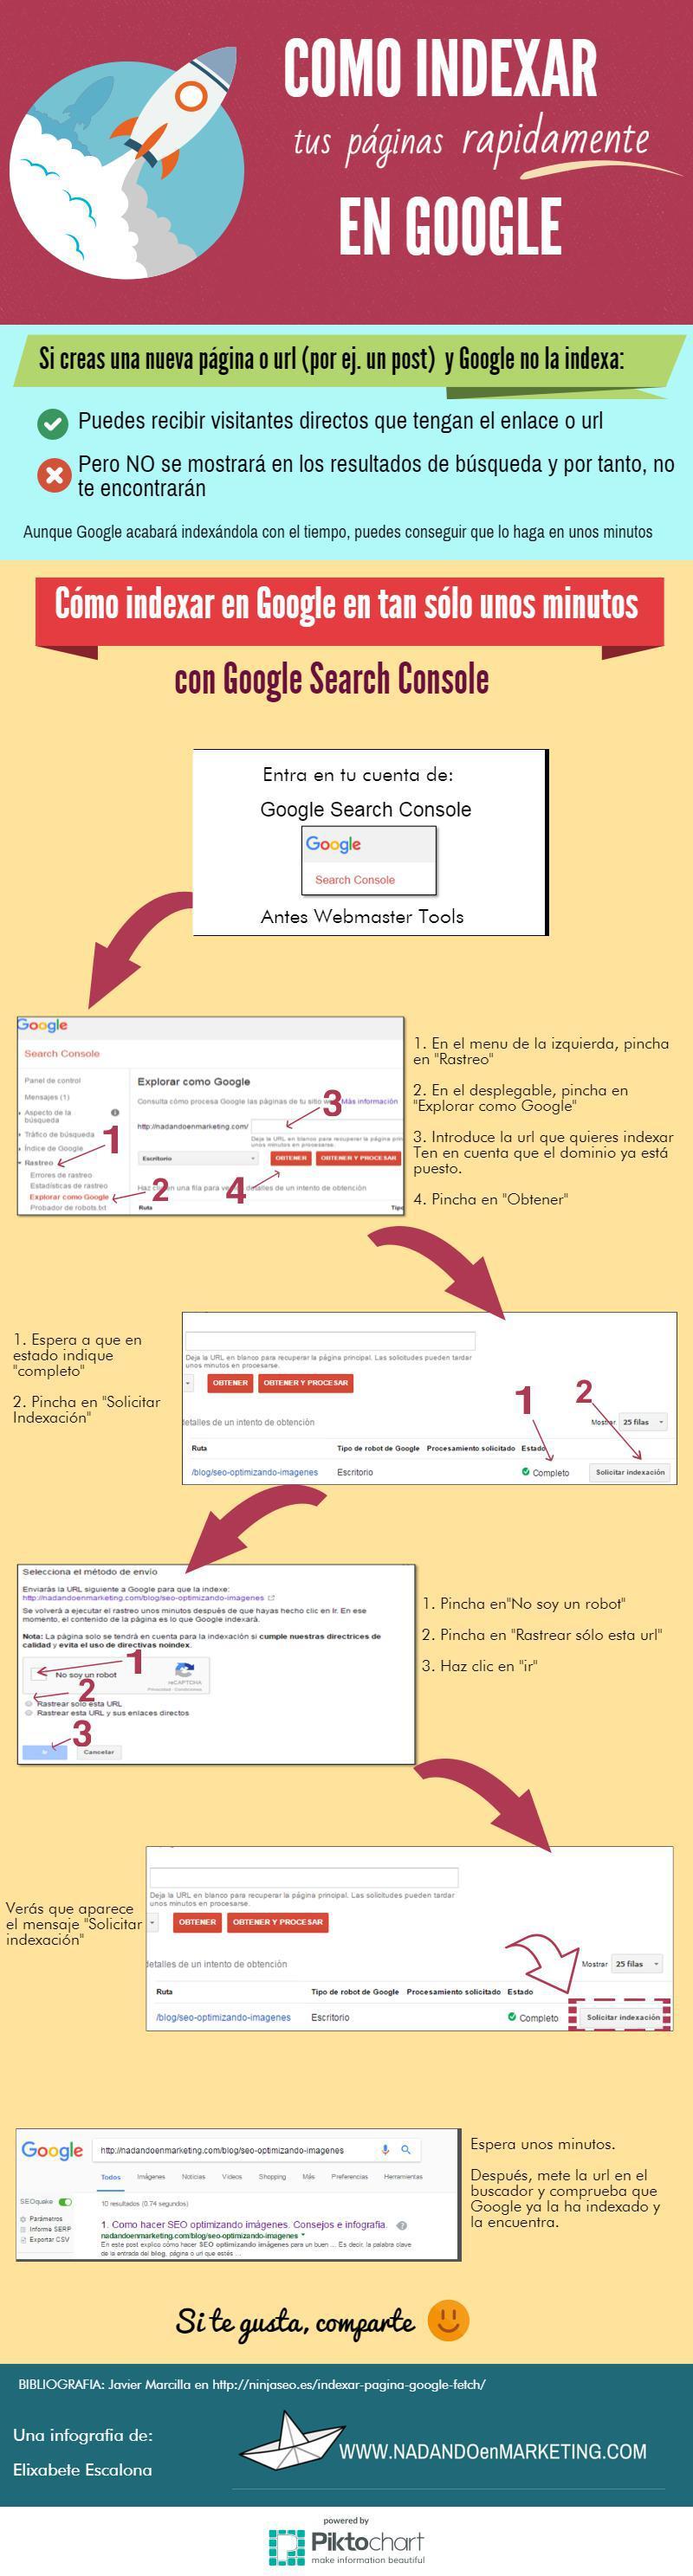 Cómo indexar tus páginas rápidamente en Google